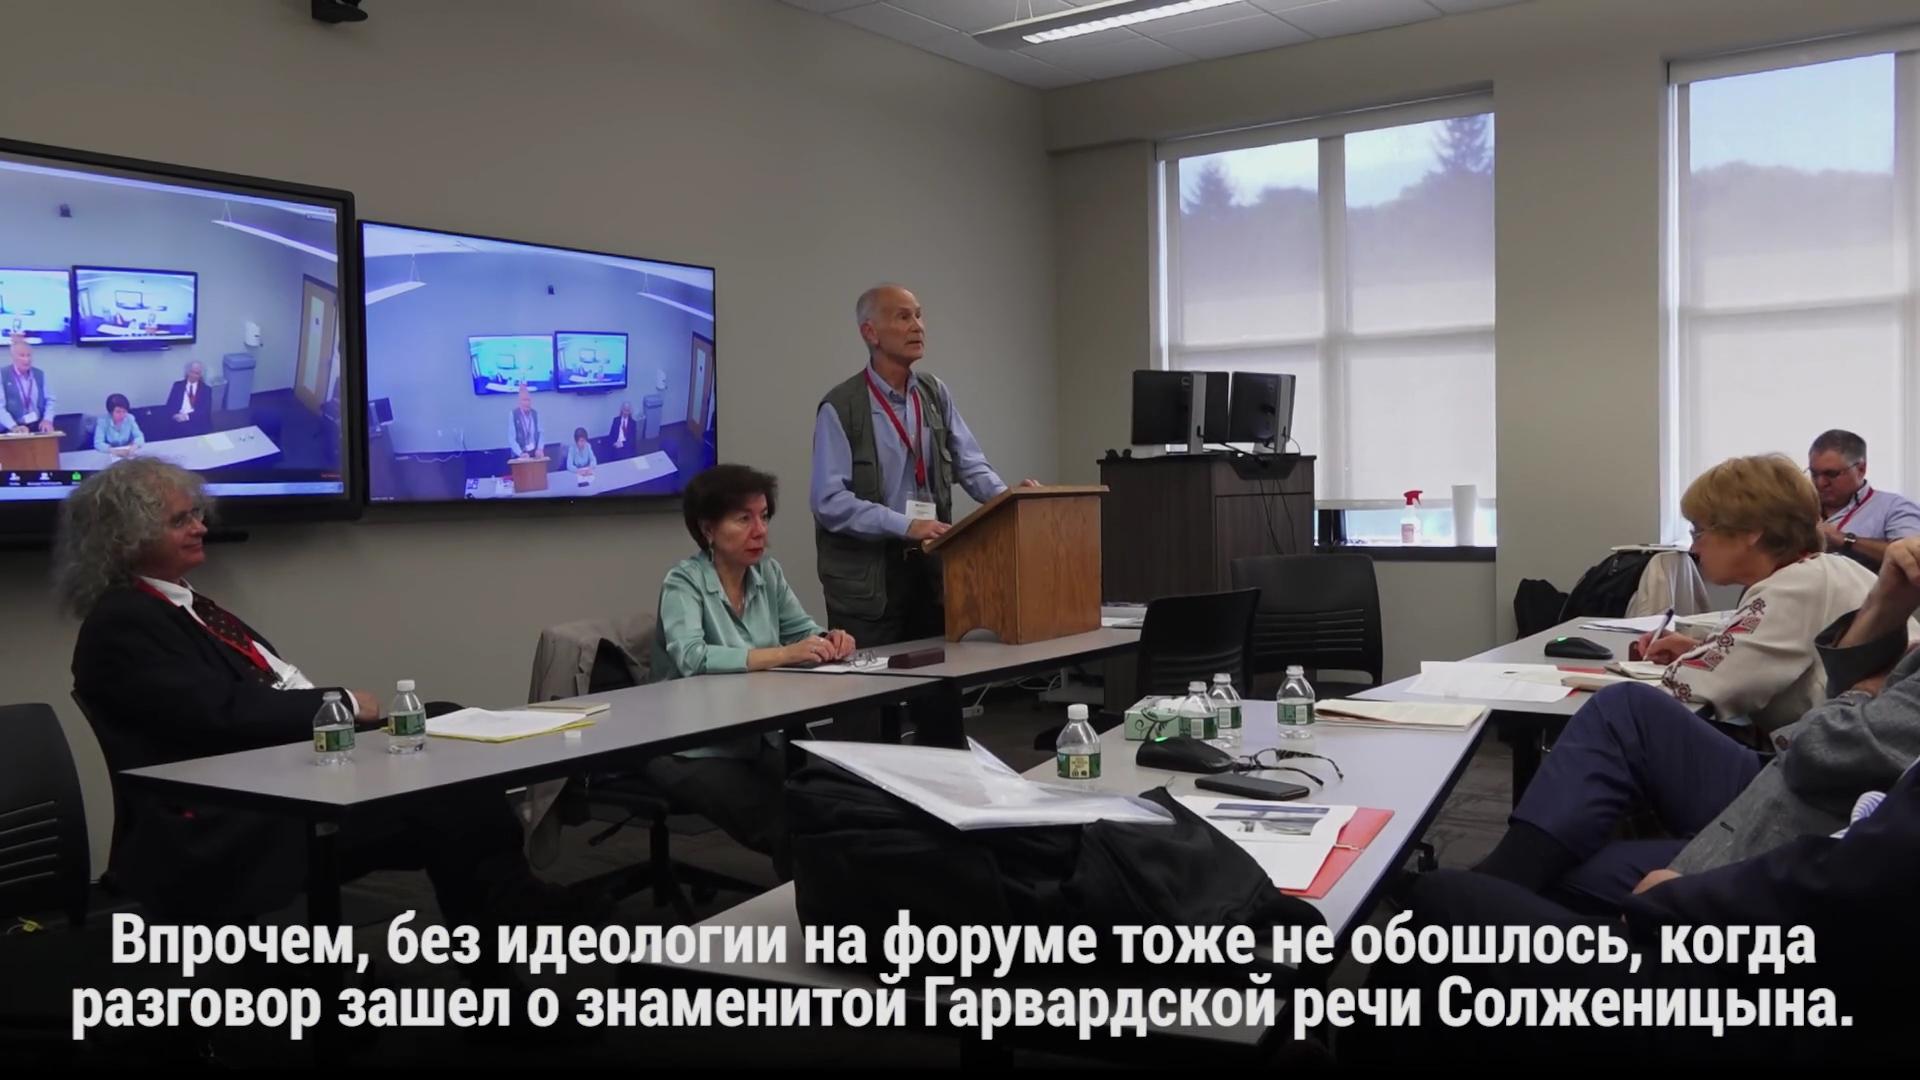 06-20180921-Вермонт читает Солженицына[(001092)2018-09-23-14-36-59]